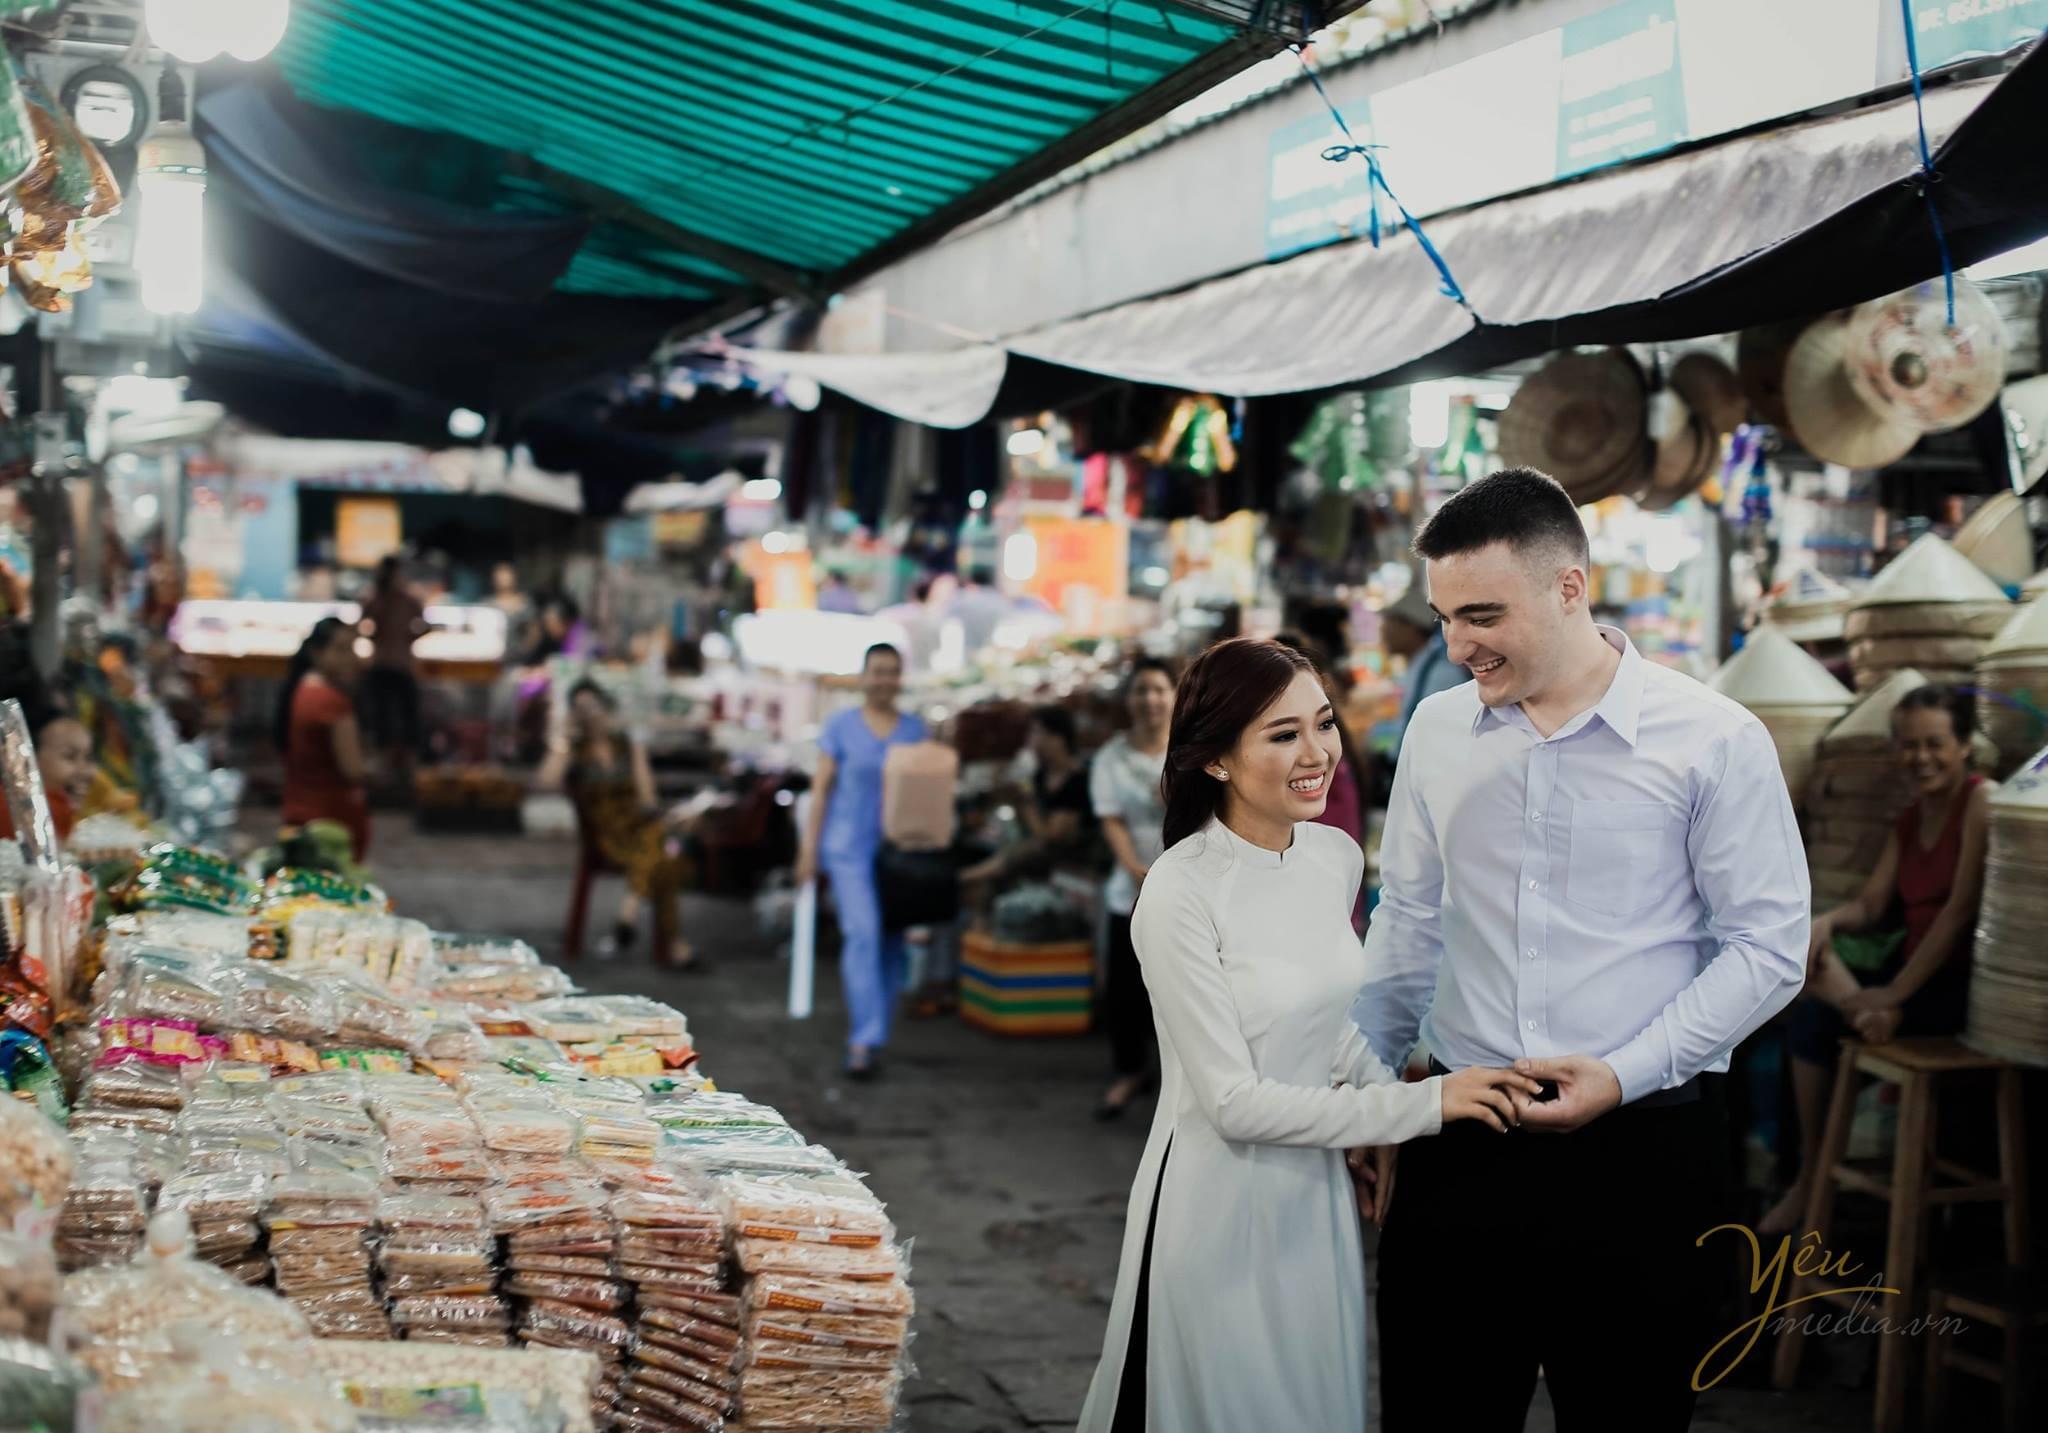 ảnh cưới chụp tại chợ cô dâu chú rể cười nói tự nhiên cạnh hàng bánh kẹo